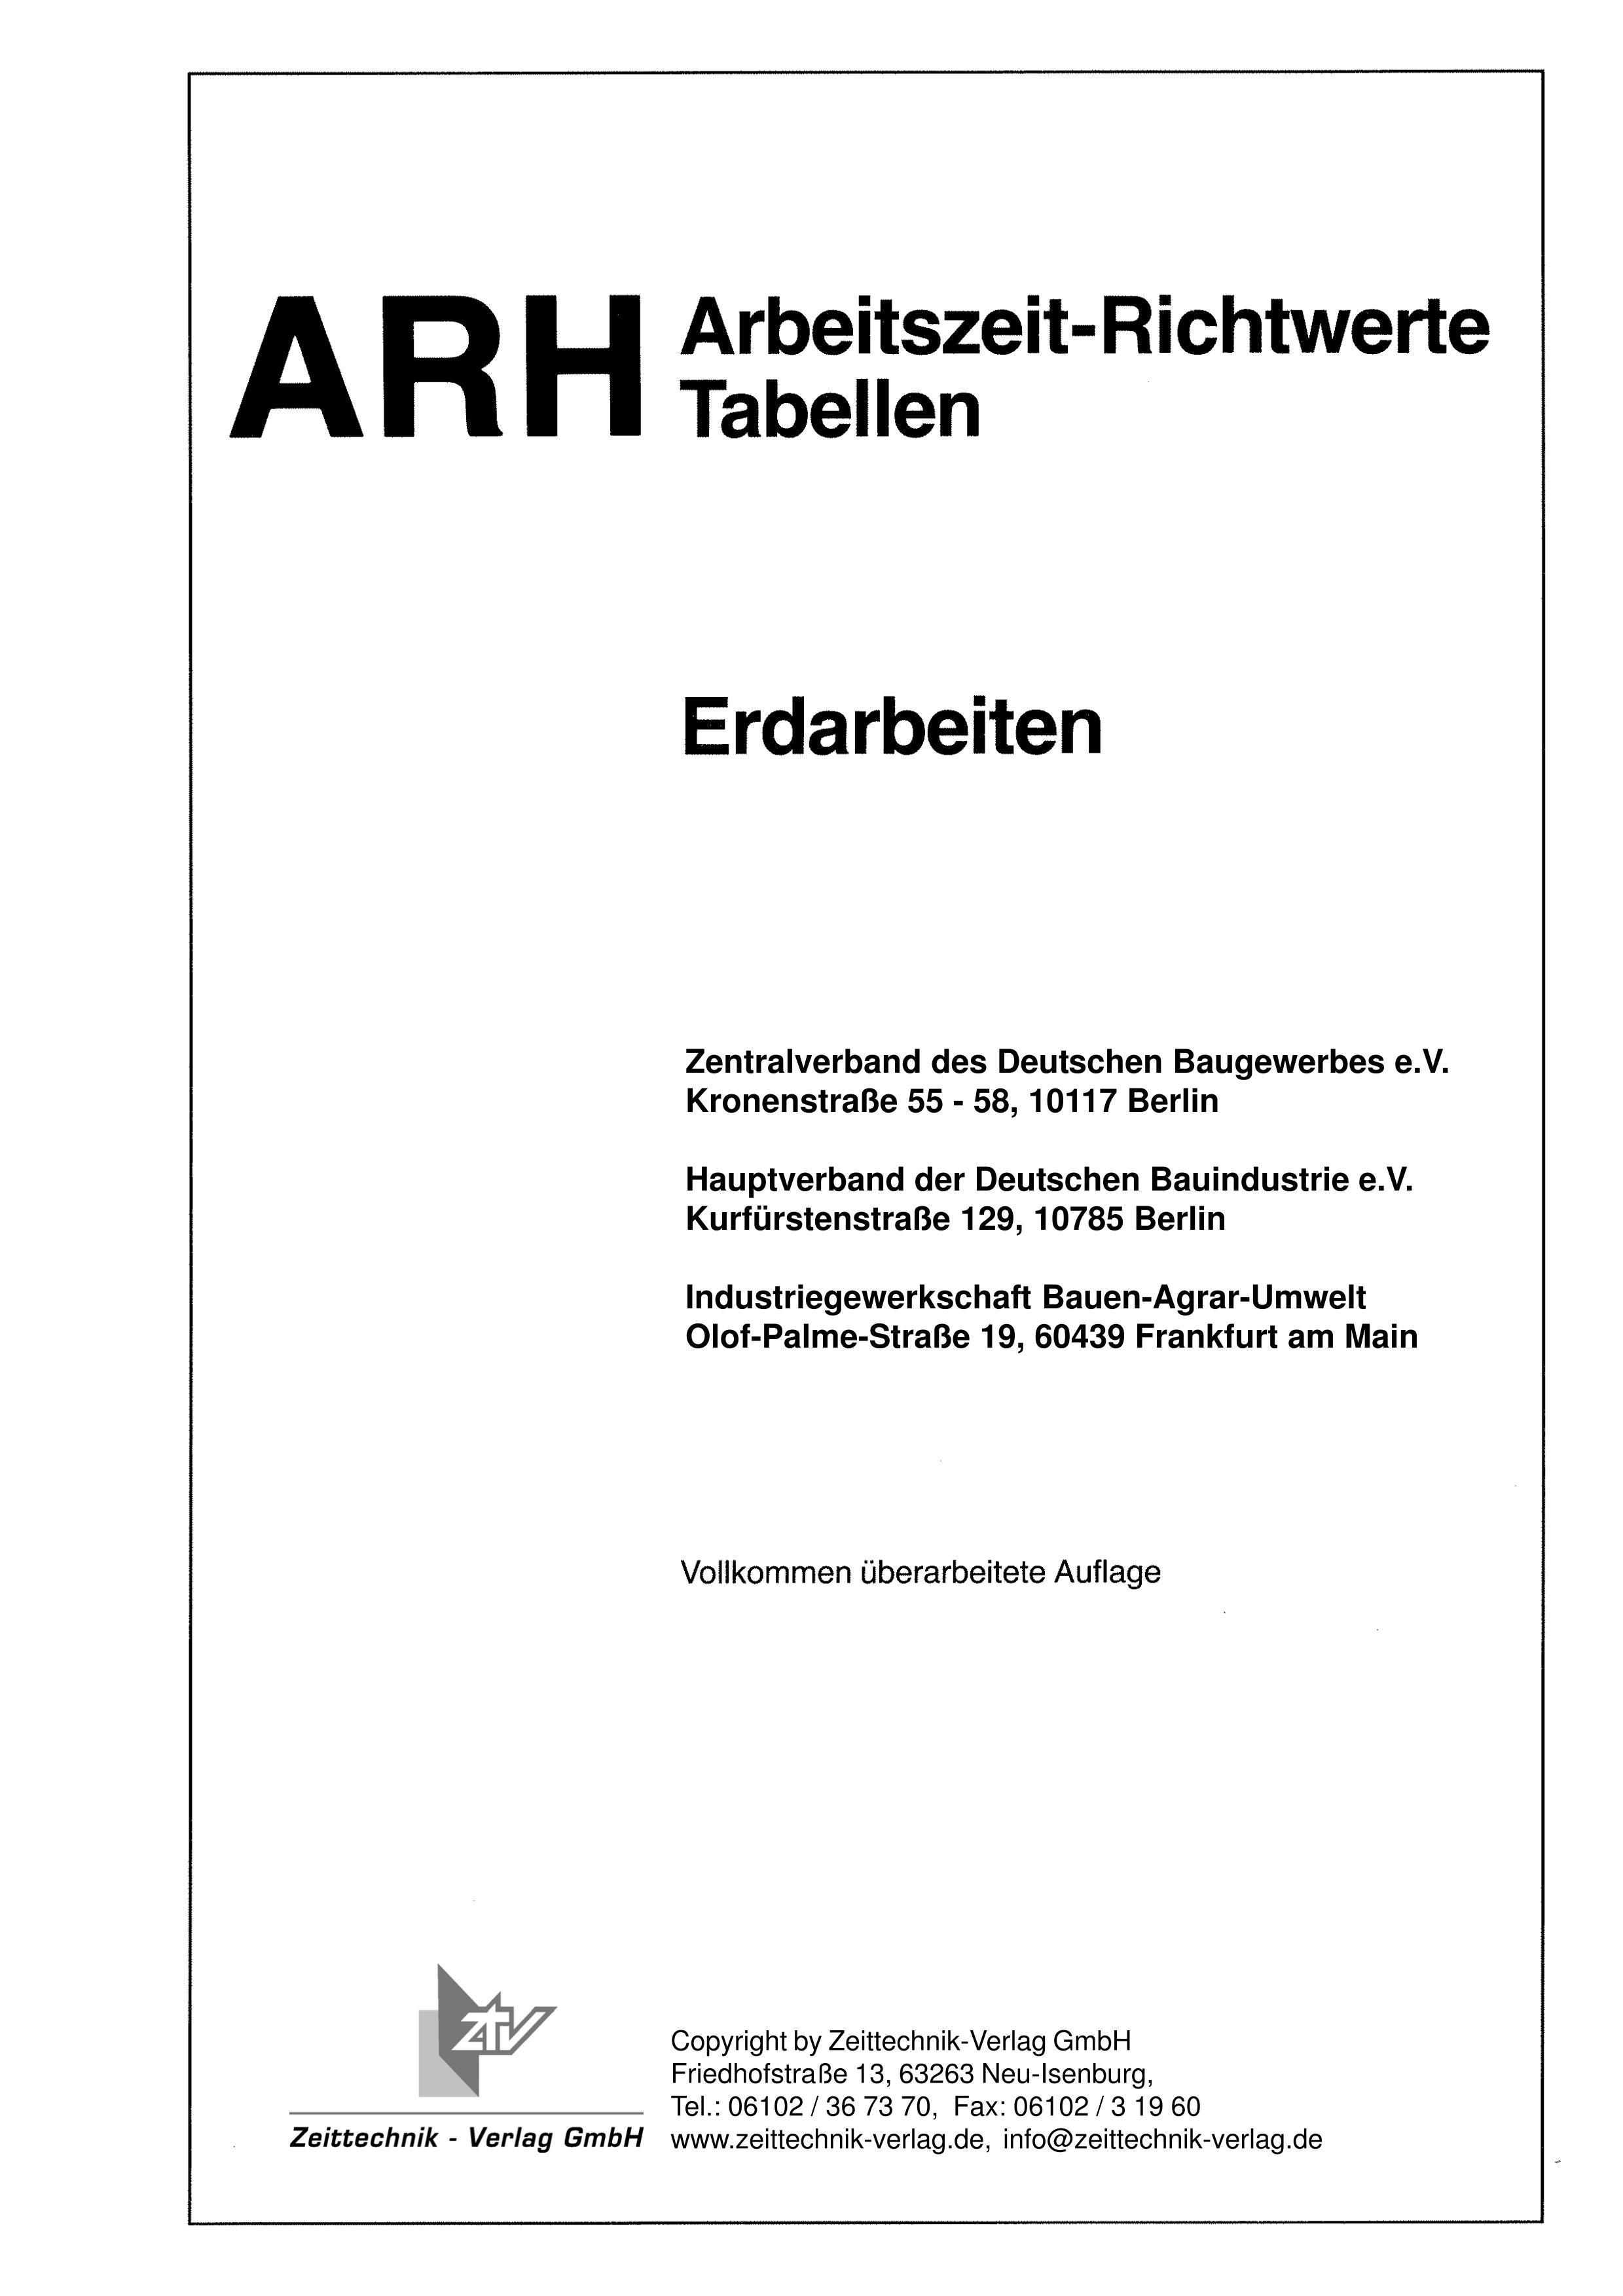 ARH-Tabelle Erdarbeiten (Download)